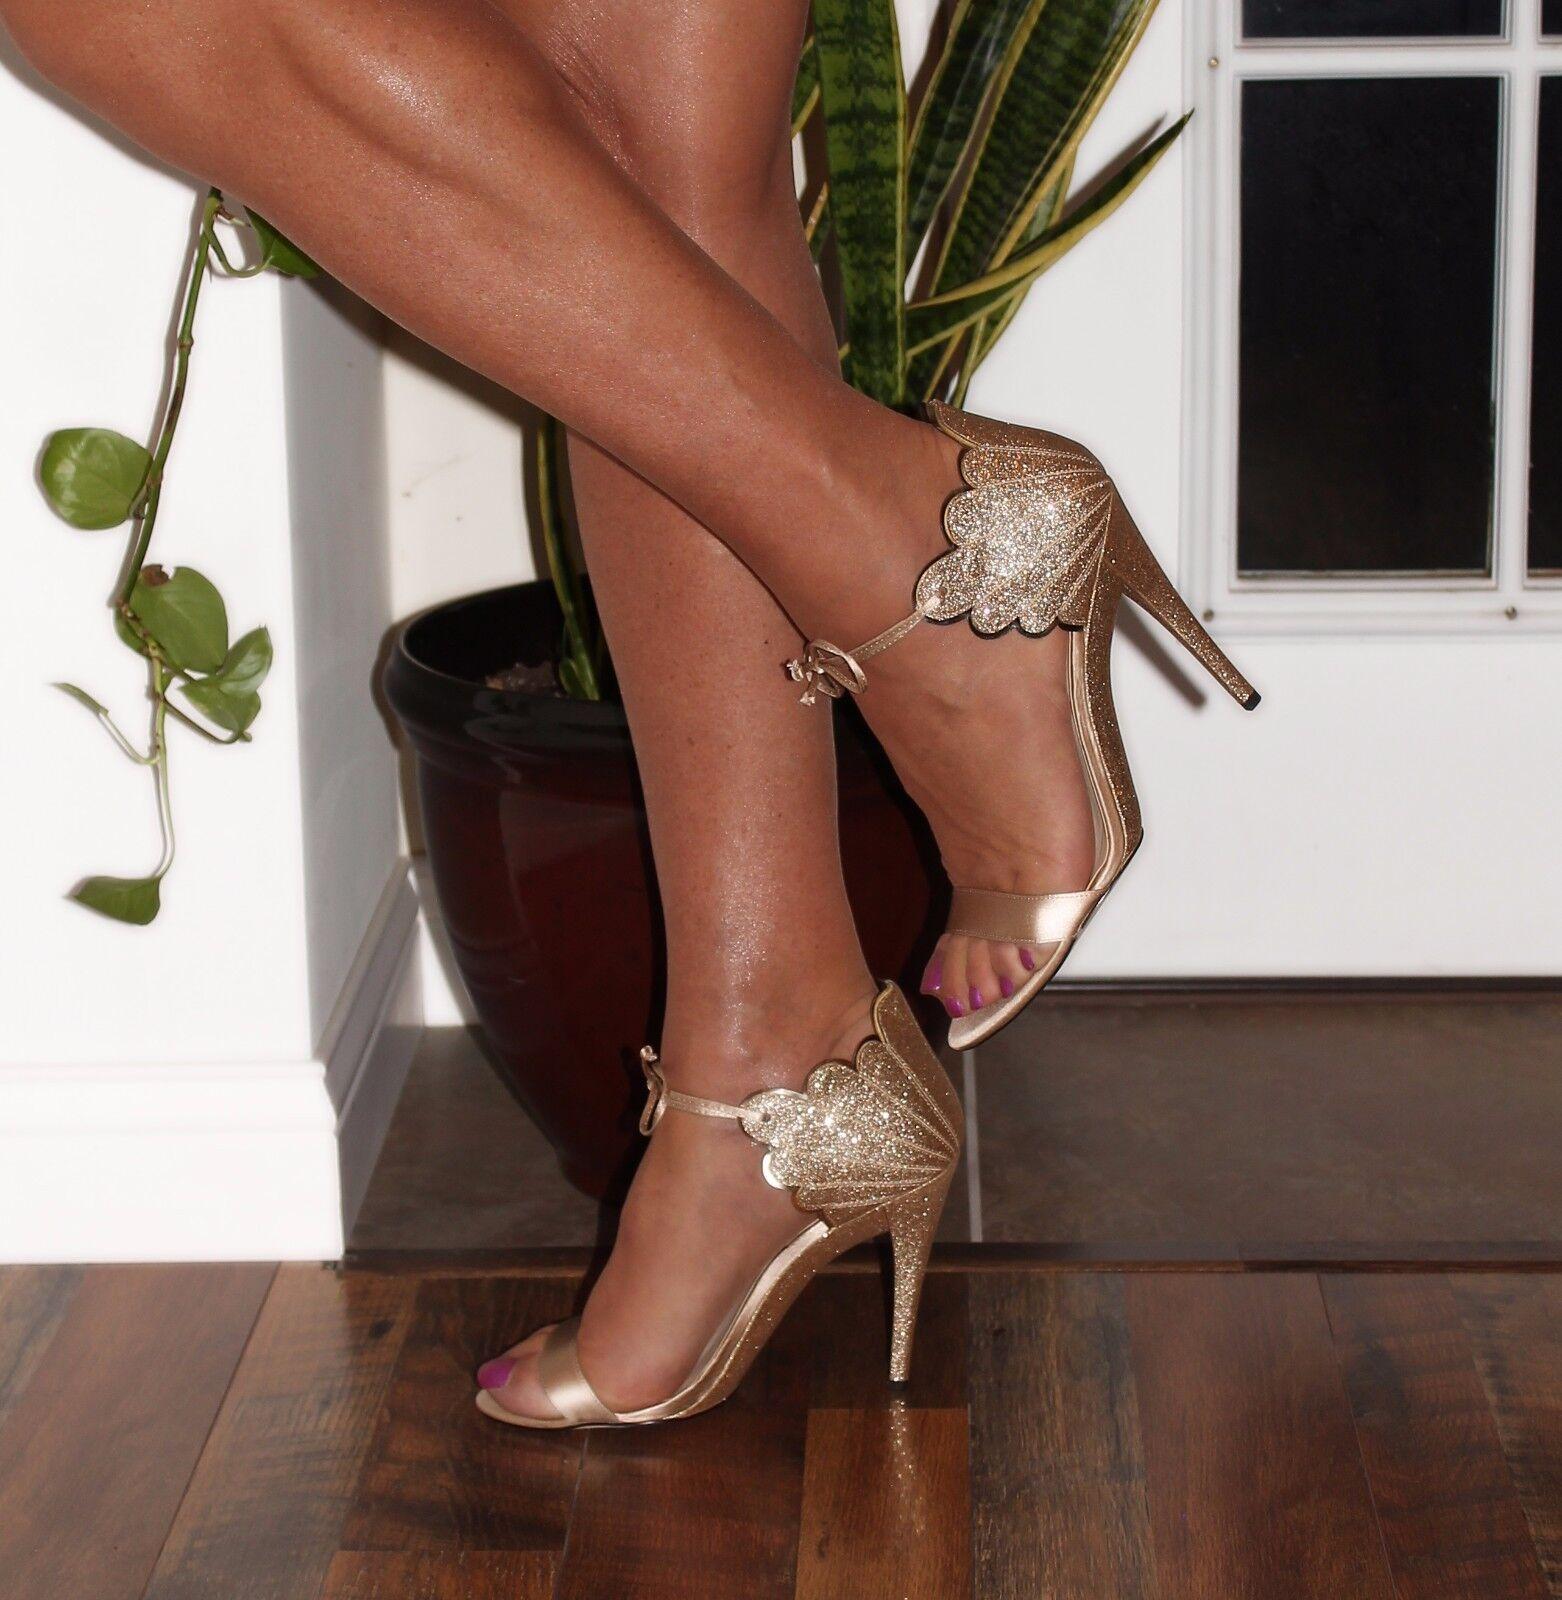 alla moda 5  High Heel NINE WEST Carly Carly Carly oro Strappy Glitter Sandals New Dimensione 12  autorizzazione